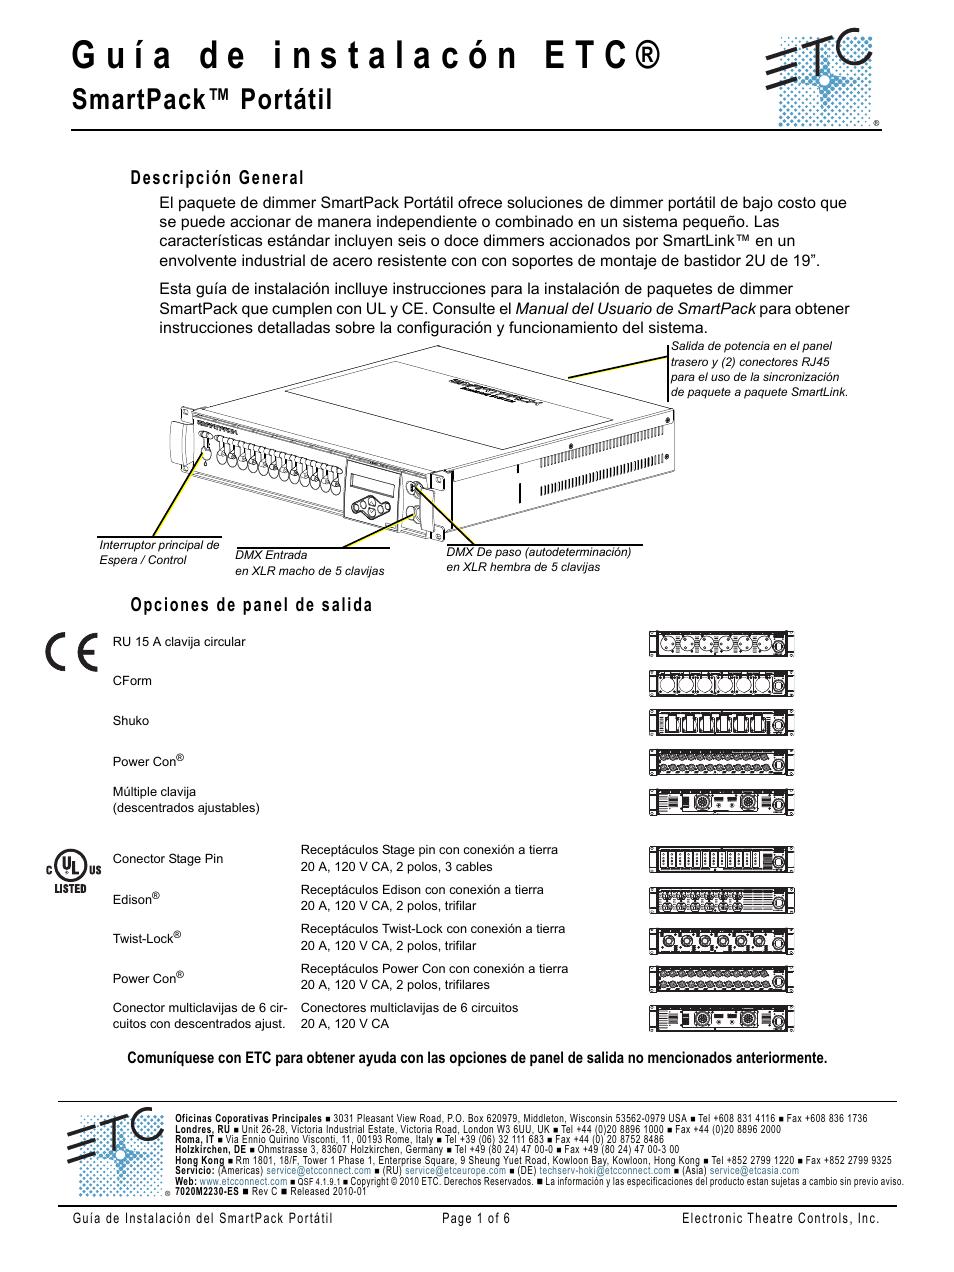 ETC SmartPack Portable Manual del usuario | Páginas: 6